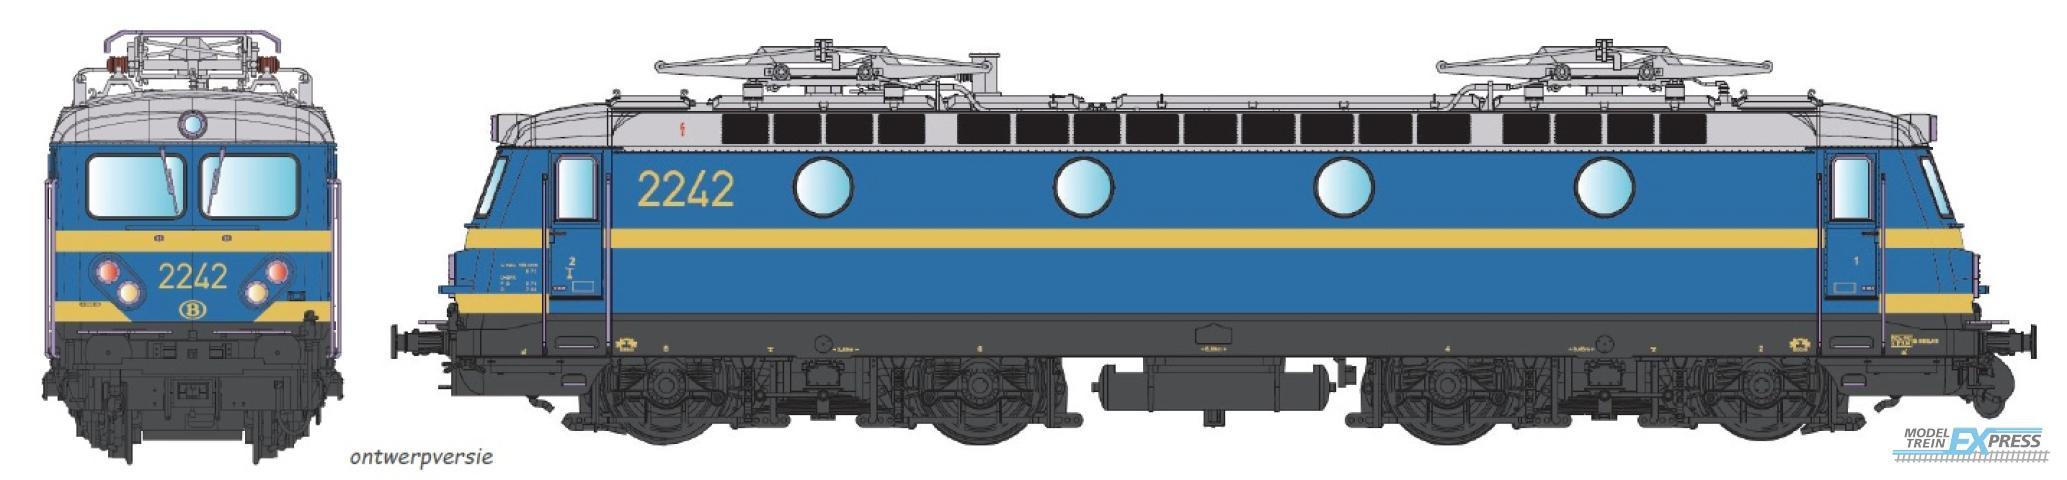 B-Models 3305.04